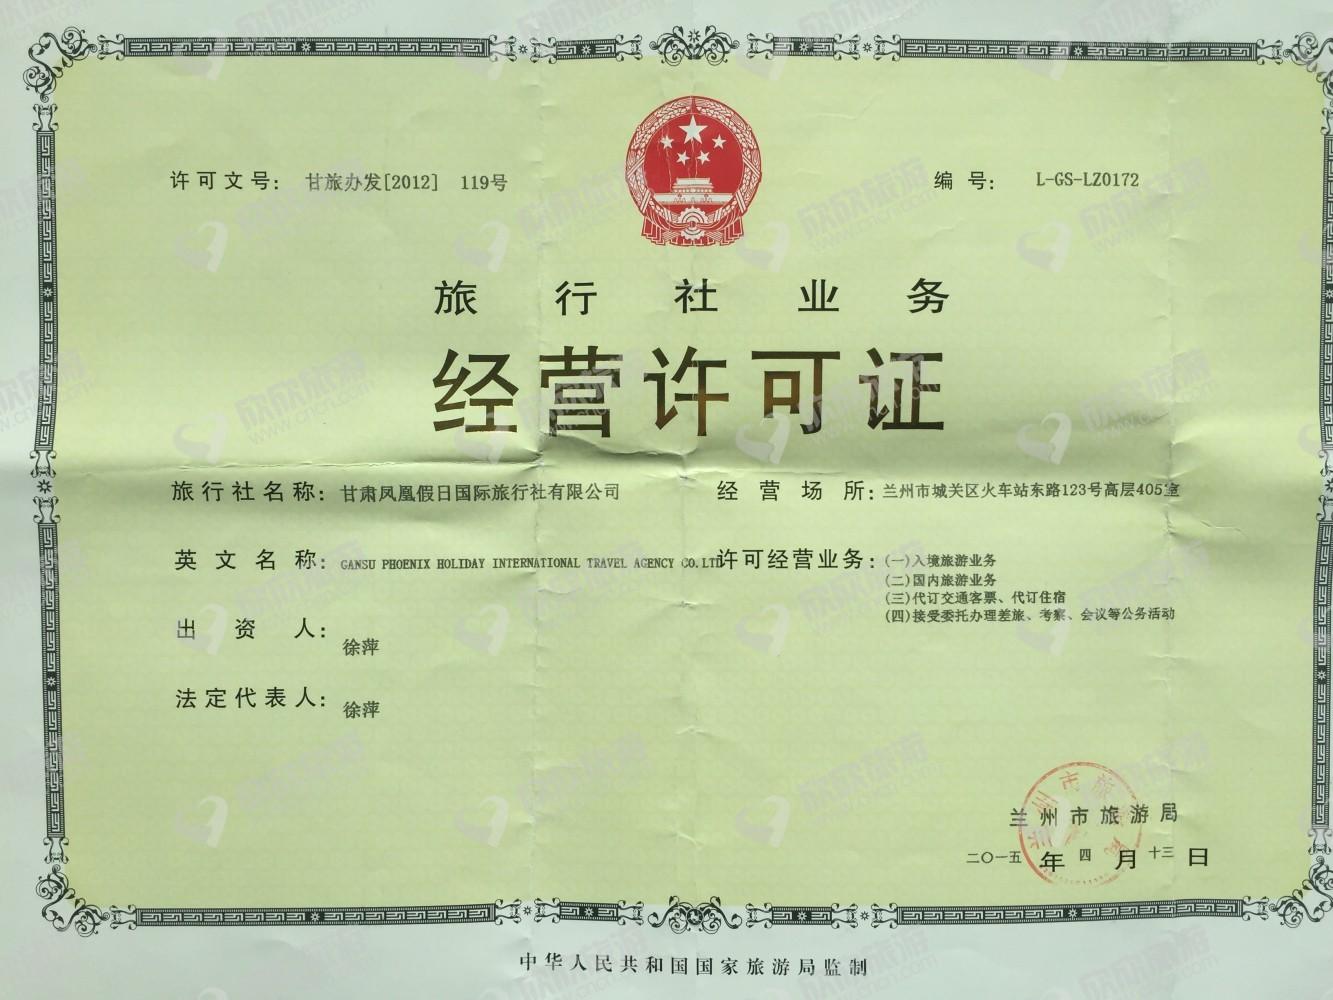 甘肃凤凰假日国际旅行社有限公司经营许可证